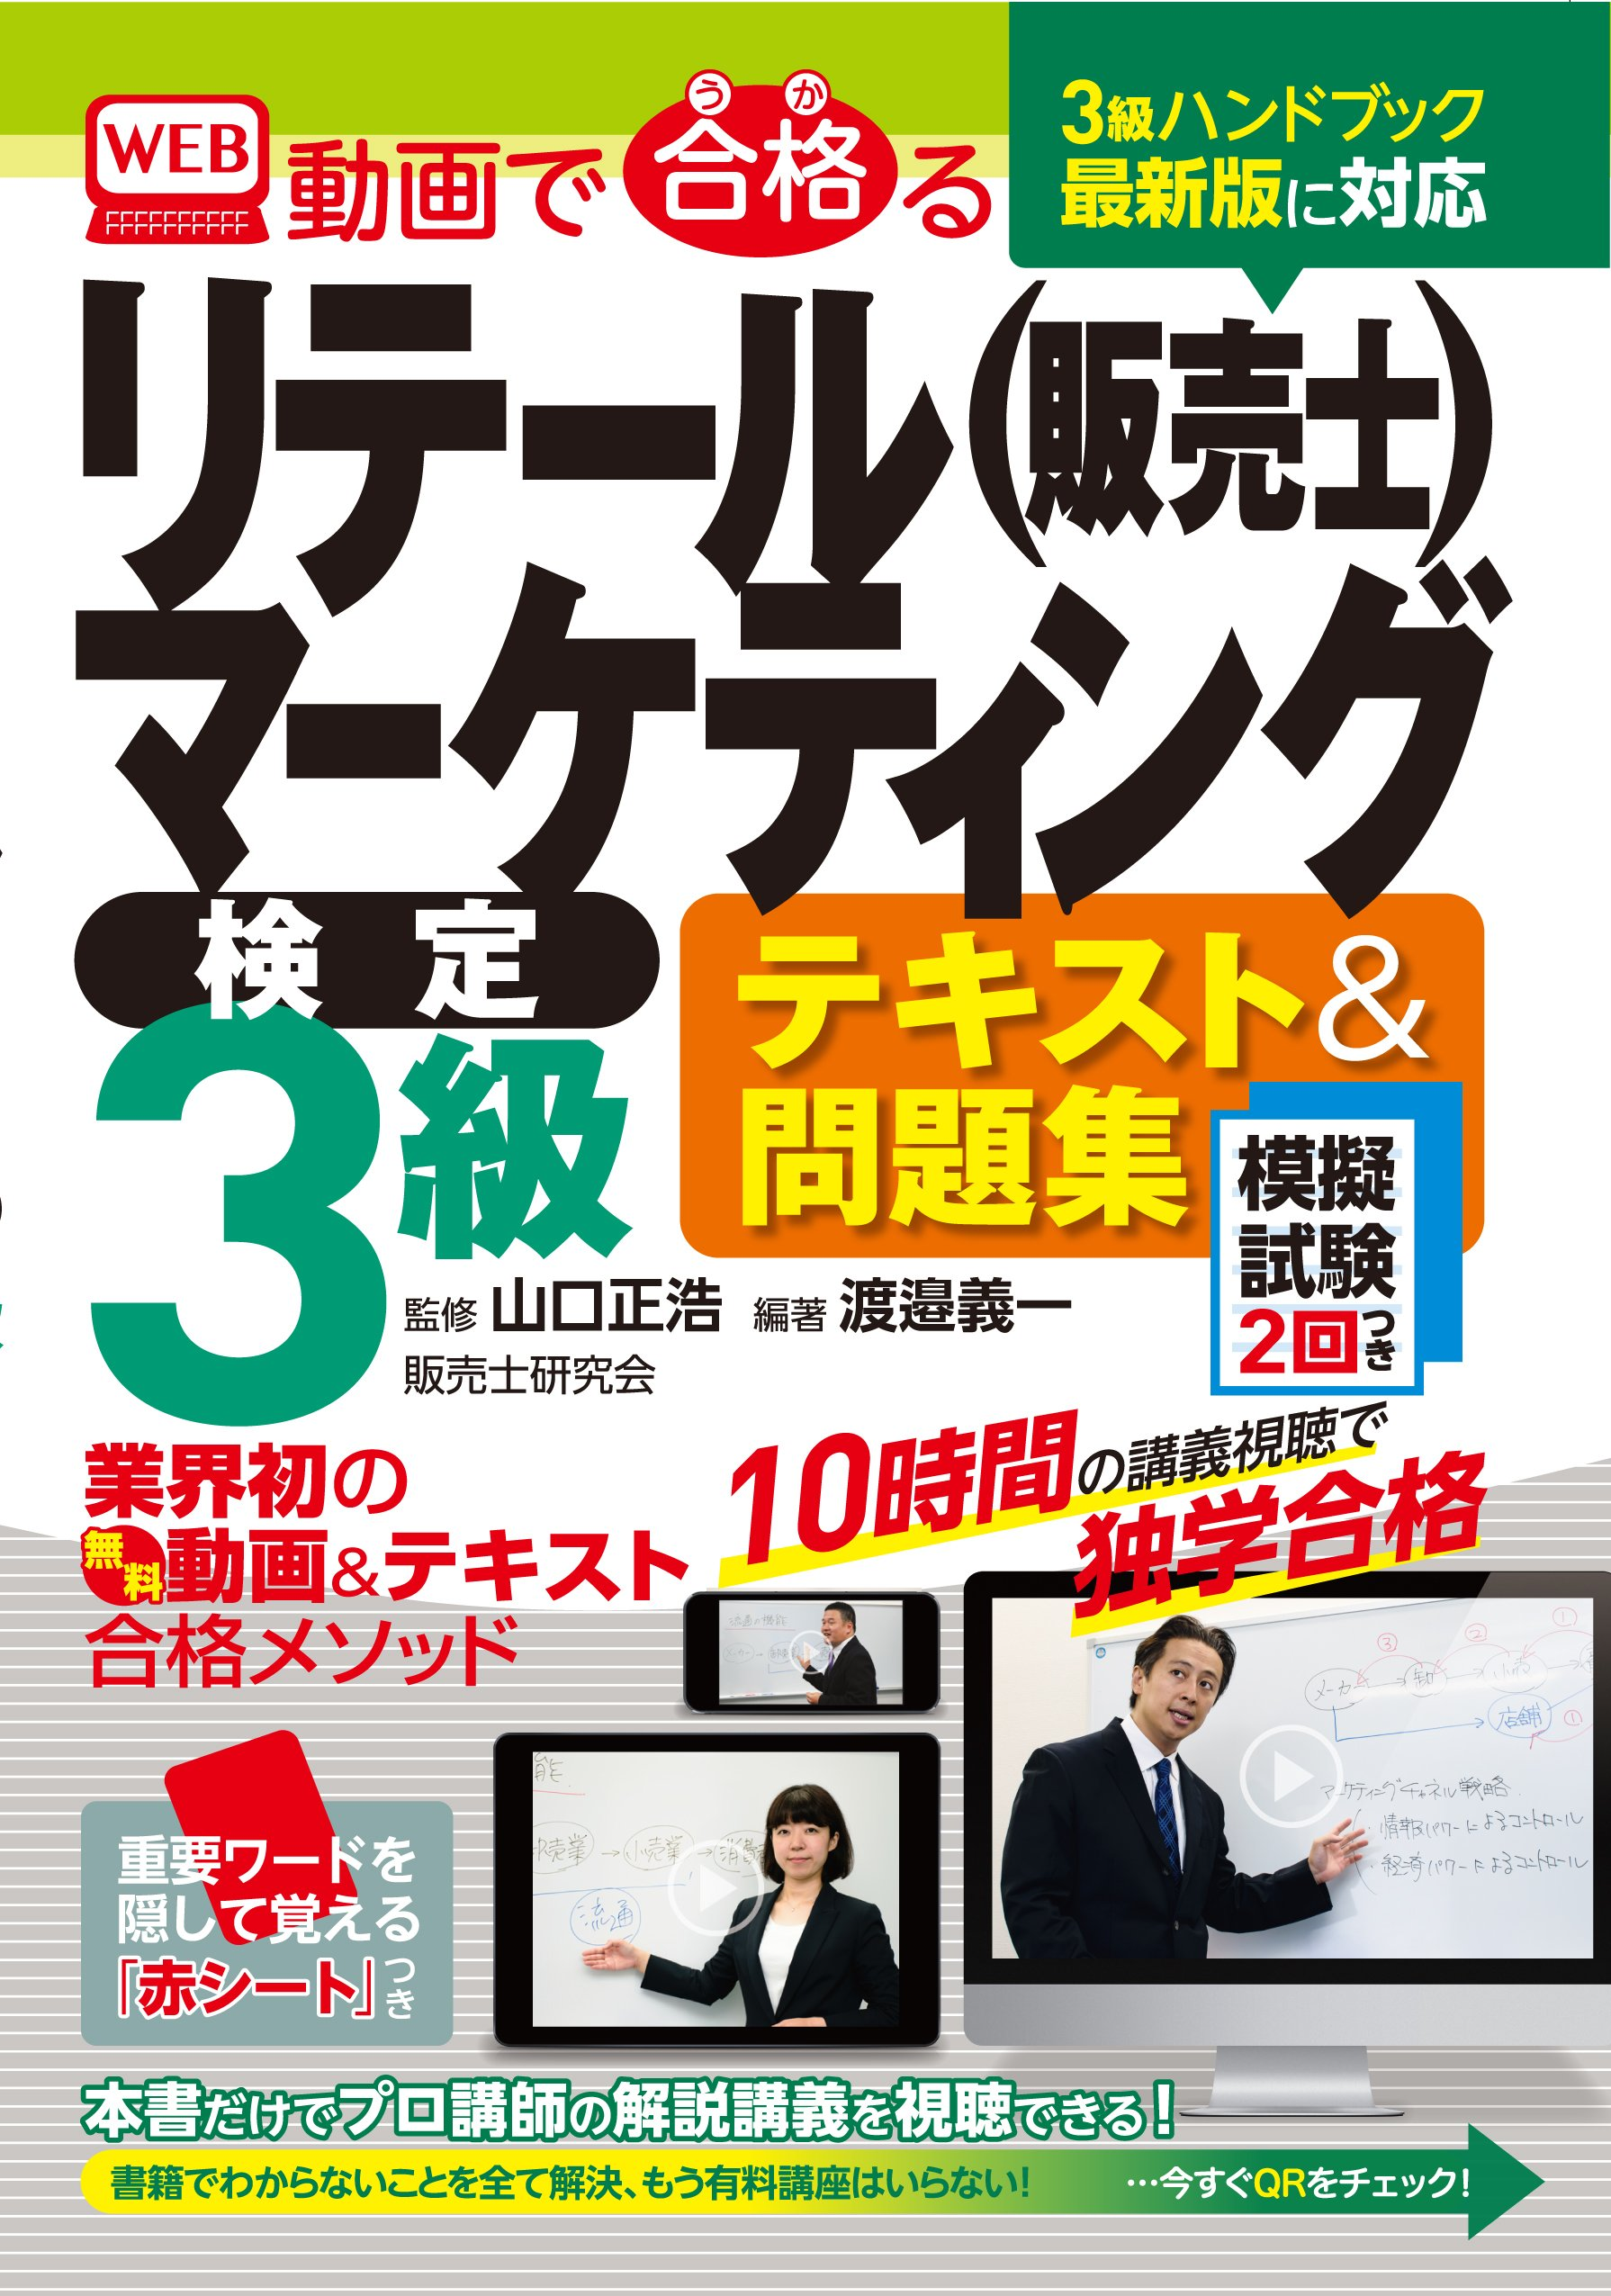 リテールマーケティング(販売士)3級 テキスト&問題集